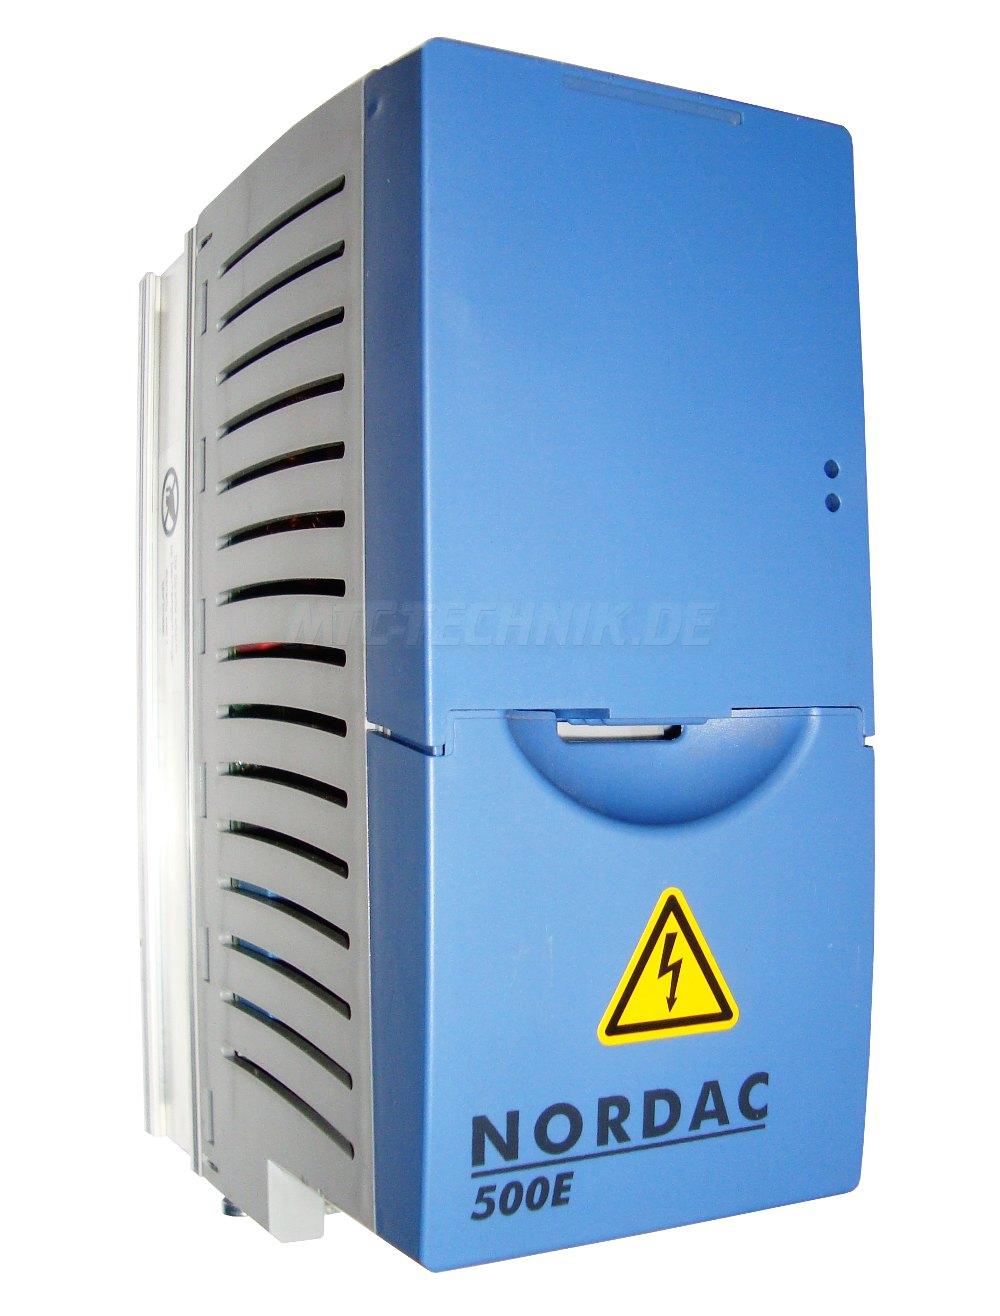 1 Nordac Frequenzumrichter Sk500e-250-323-a Shop